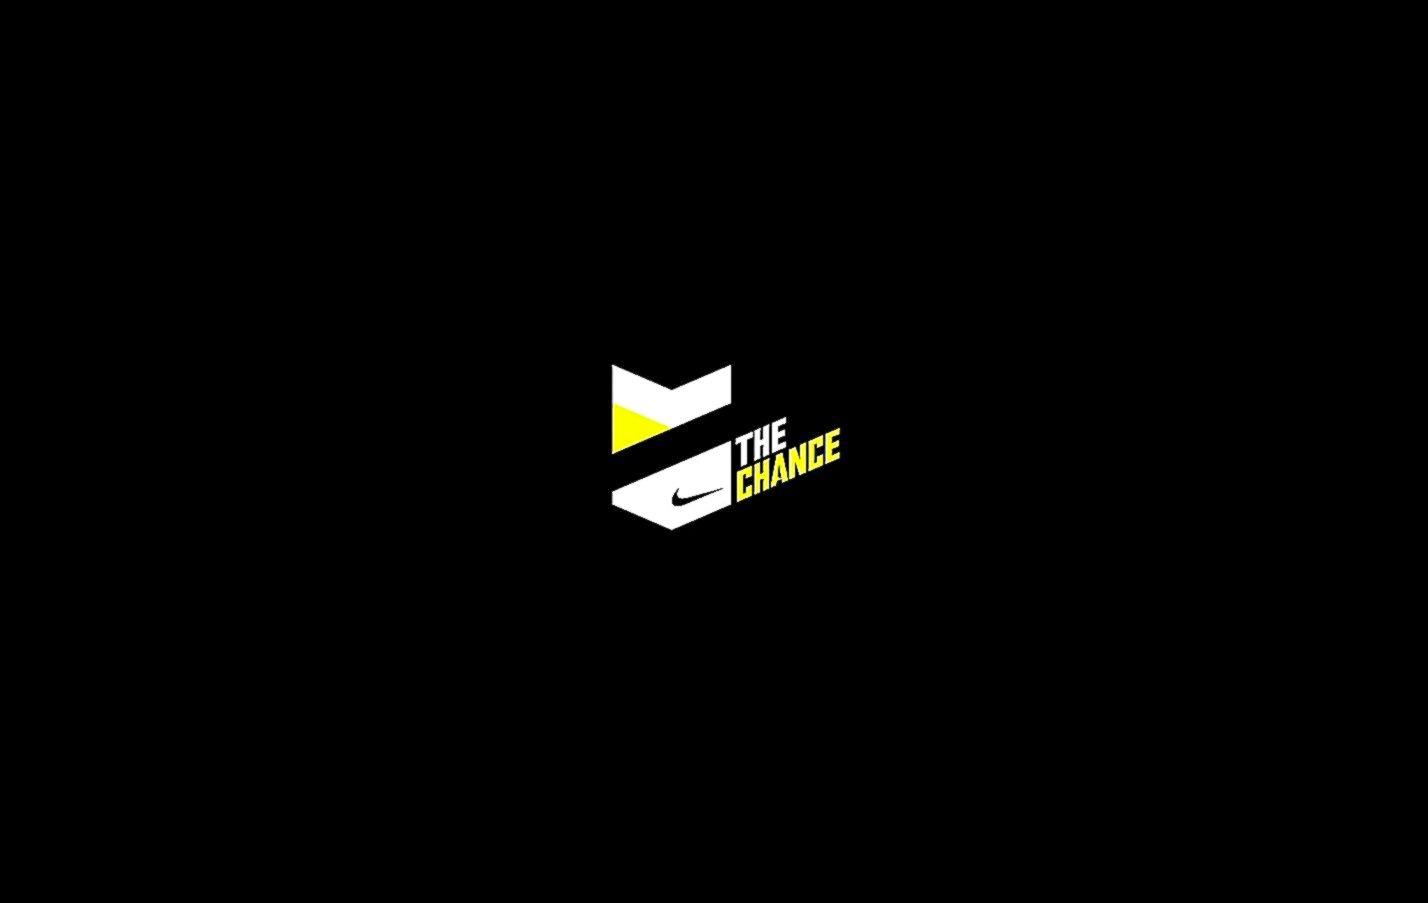 Nike Soccer Wallpaper HD - WallpaperSafari